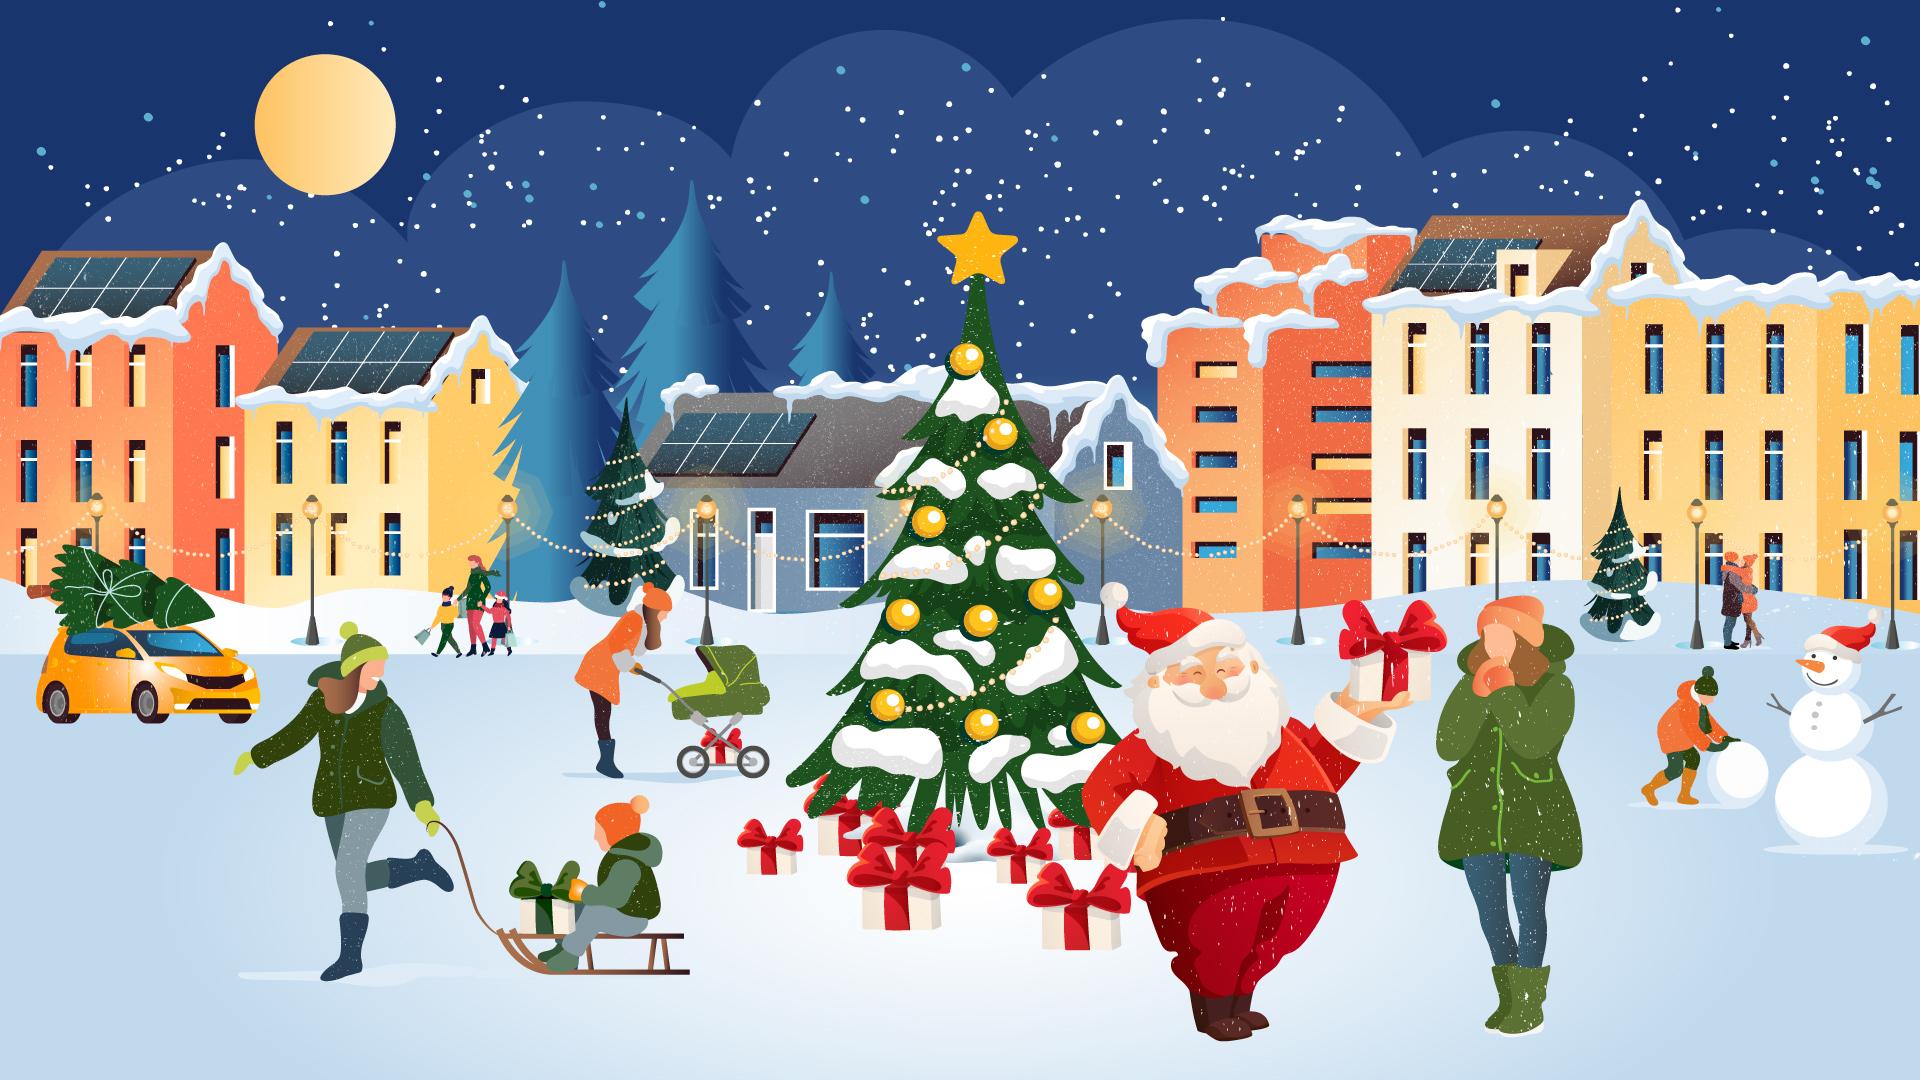 Joulukalenteri_ennakko_eitxt_1920x1080